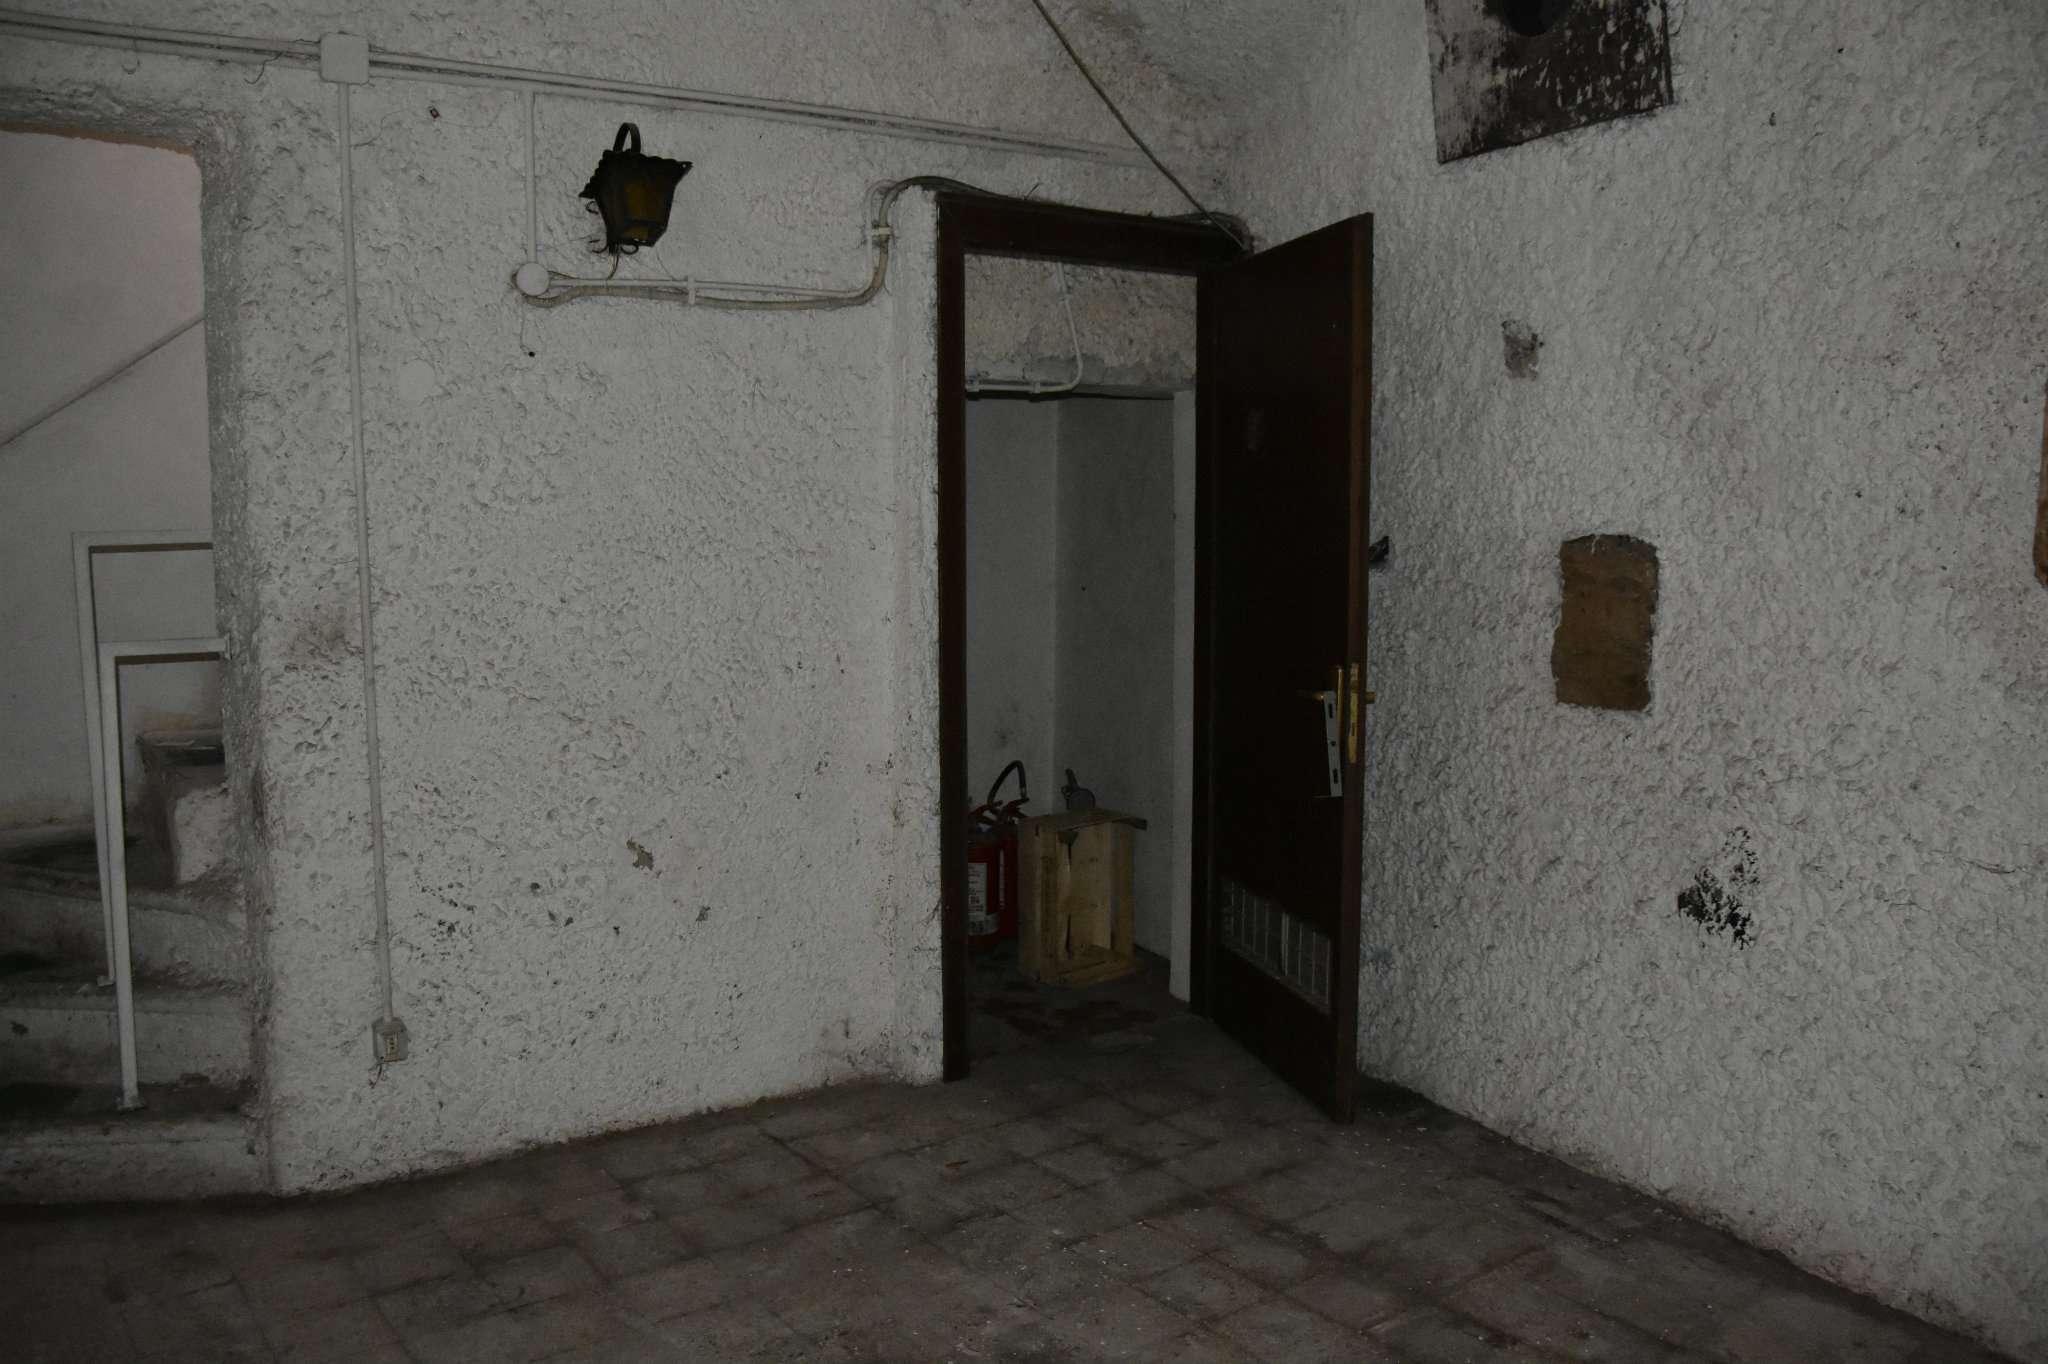 Negozio in affitto via della luce roma annunci di case for C1 affitto roma